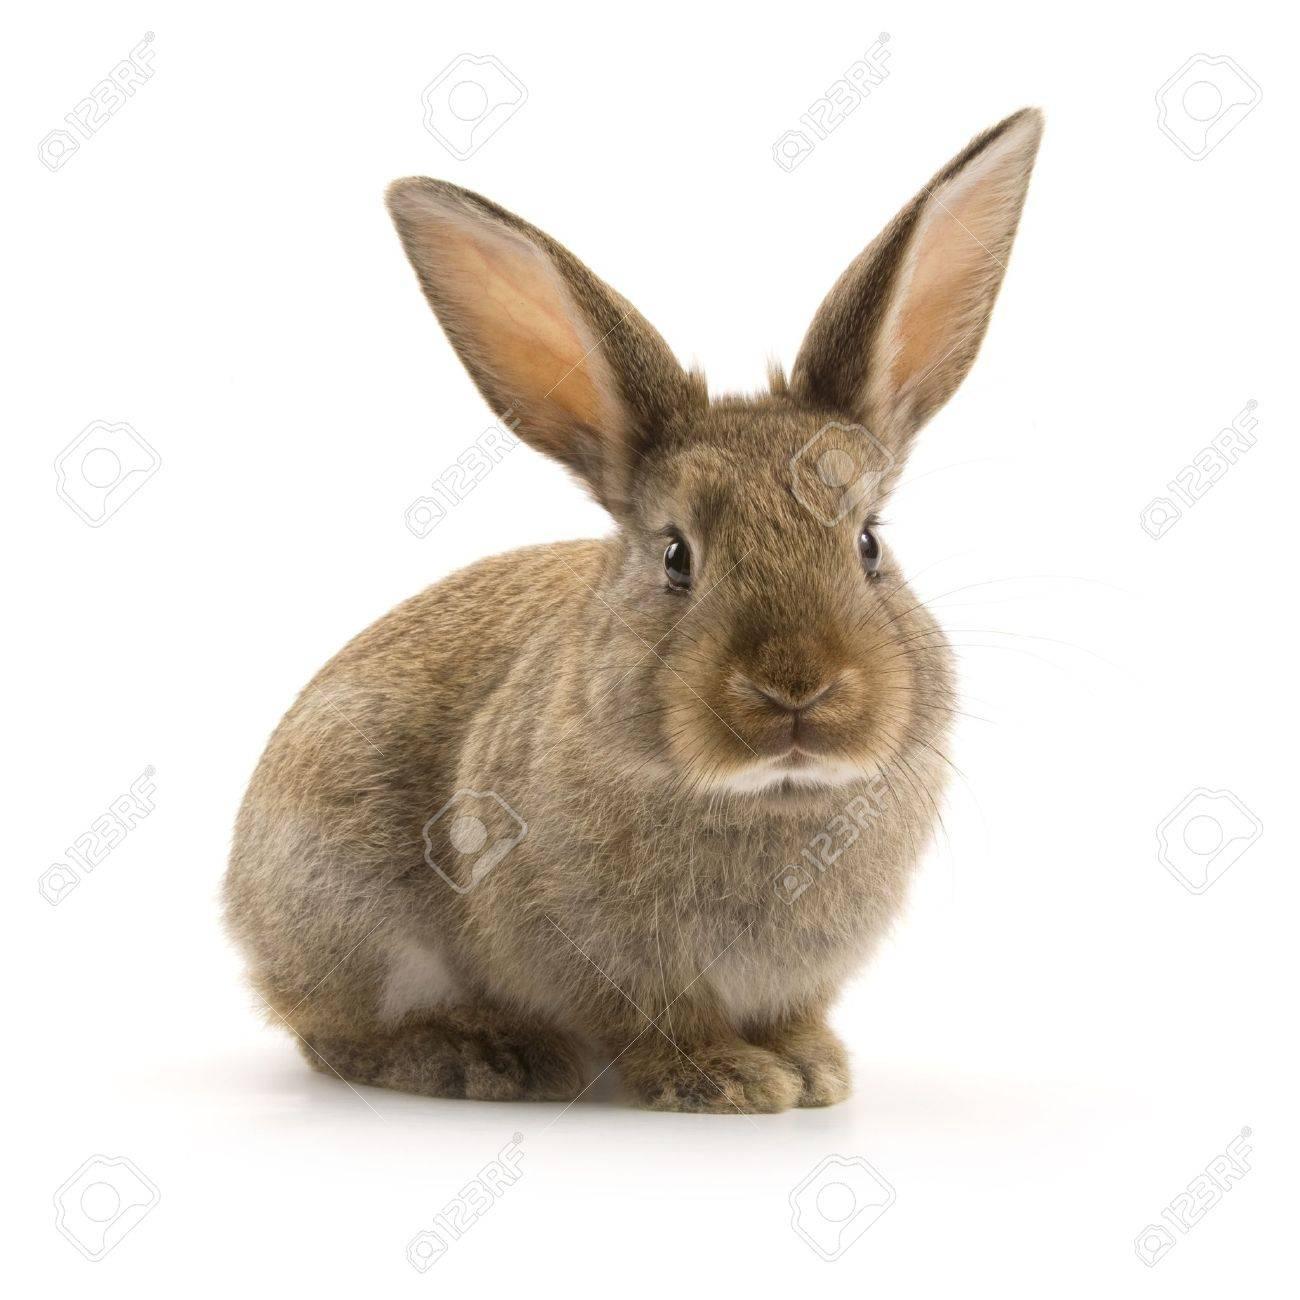 Adorable lapin isol? sur un fond blanc Banque d'images - 9951344